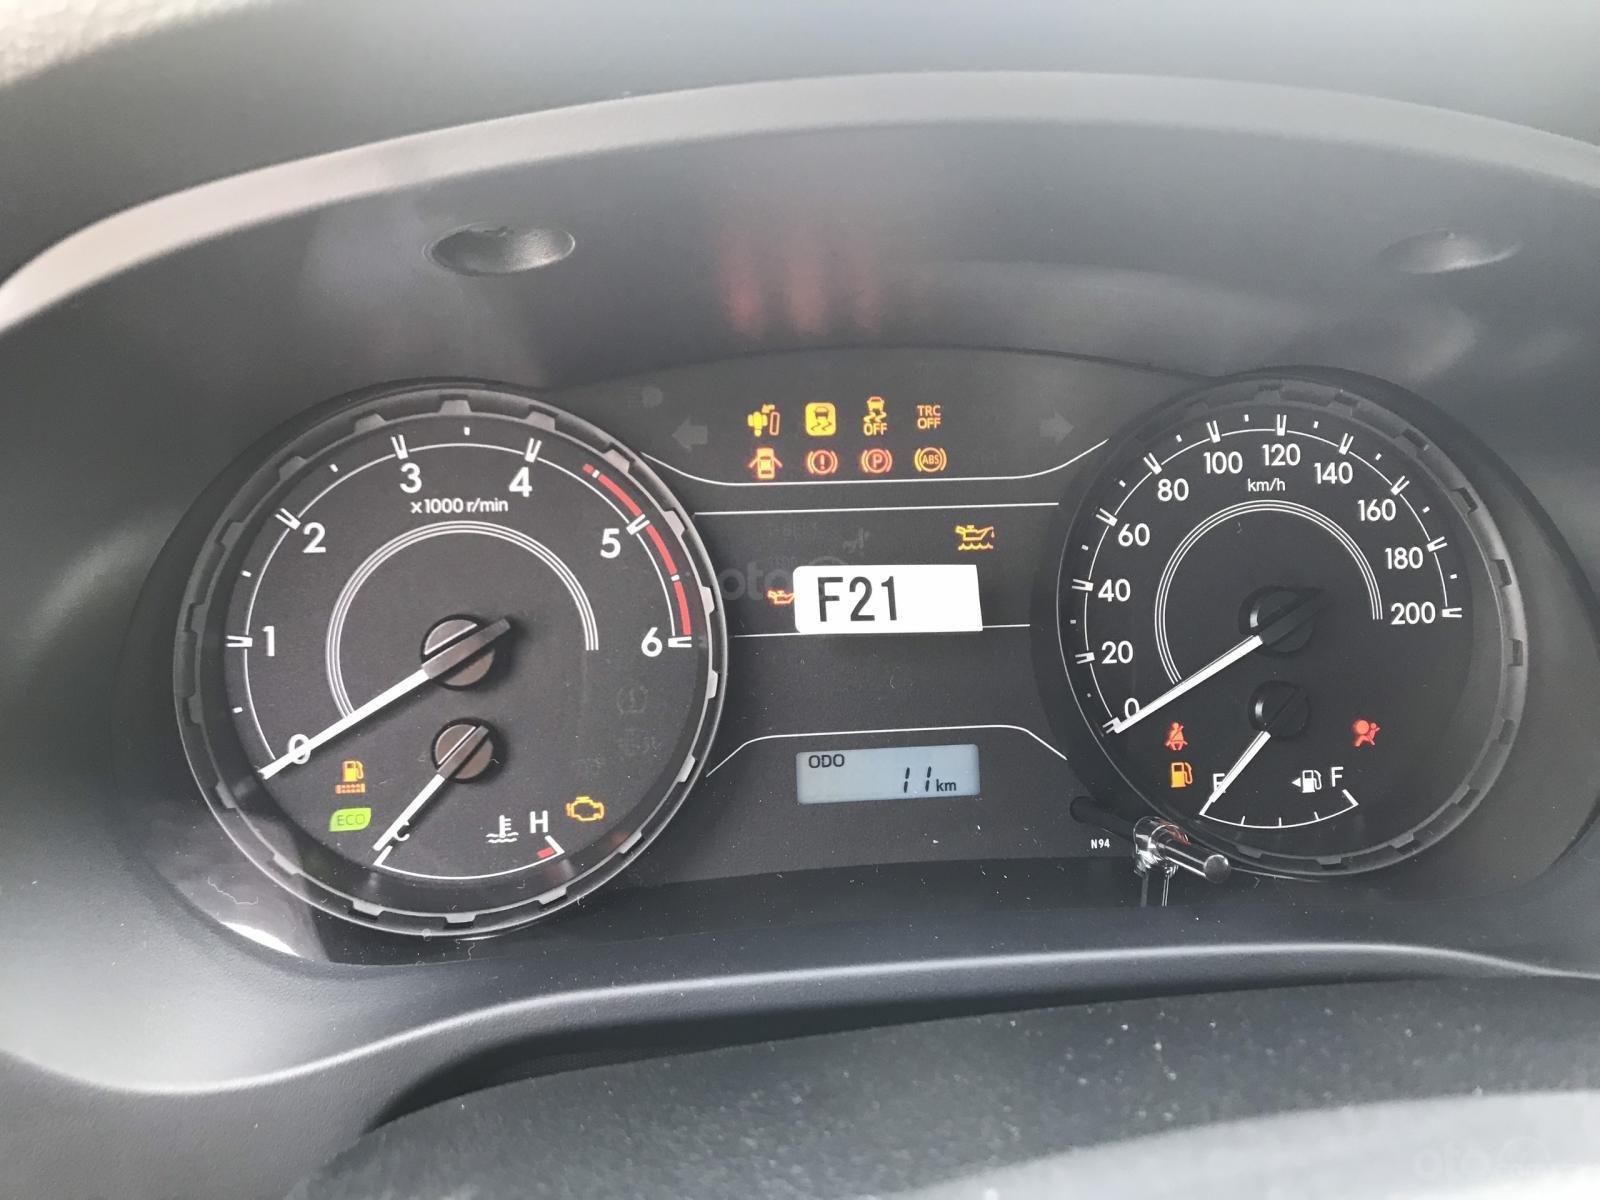 Mua bán Toyota Hilux giá rẻ nhất, giảm ngay tiền mặt, tặng phụ kiện, hỗ trợ trả góp 80%, LH: 097 698 7767 (2)